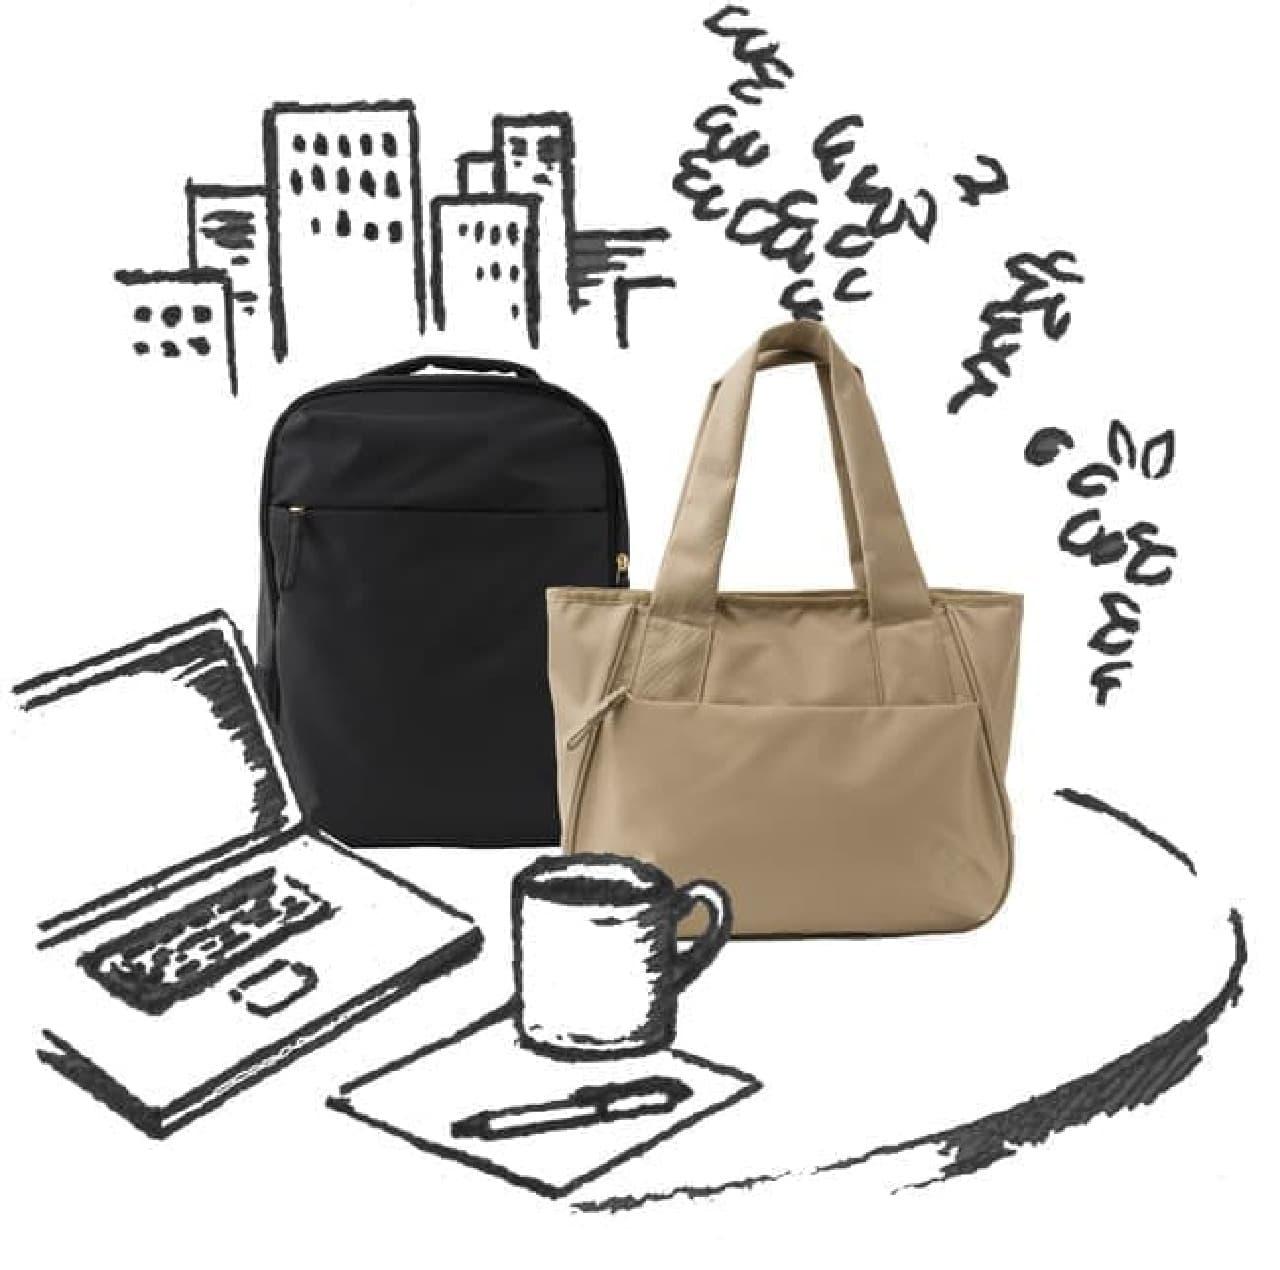 PC持ち運びに♪ Afternoon Tea LIVINGのリュック&トートバッグ -- エースと共同開発